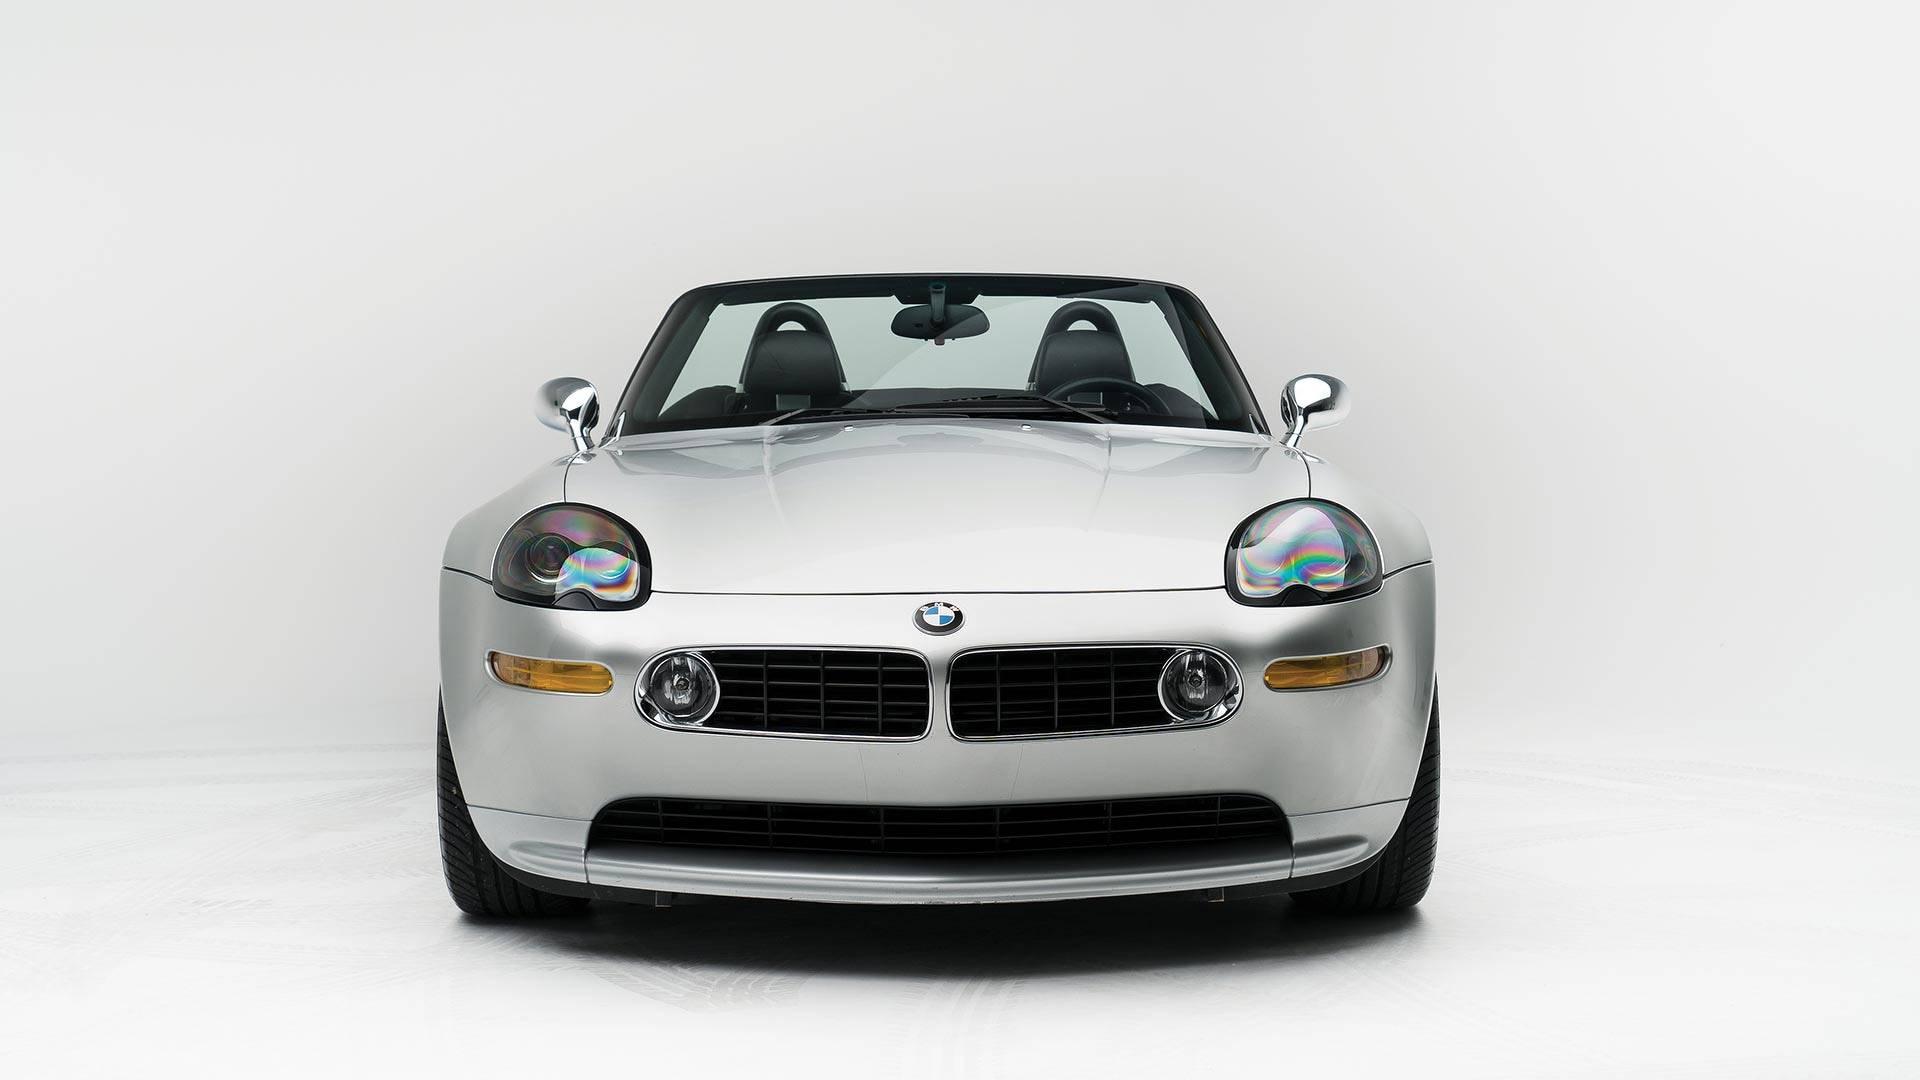 Xe++ - BMW Z8 của Steve Jobs sắp bán đấu giá khởi điểm từ 6,83 tỷ đồng (Hình 4).